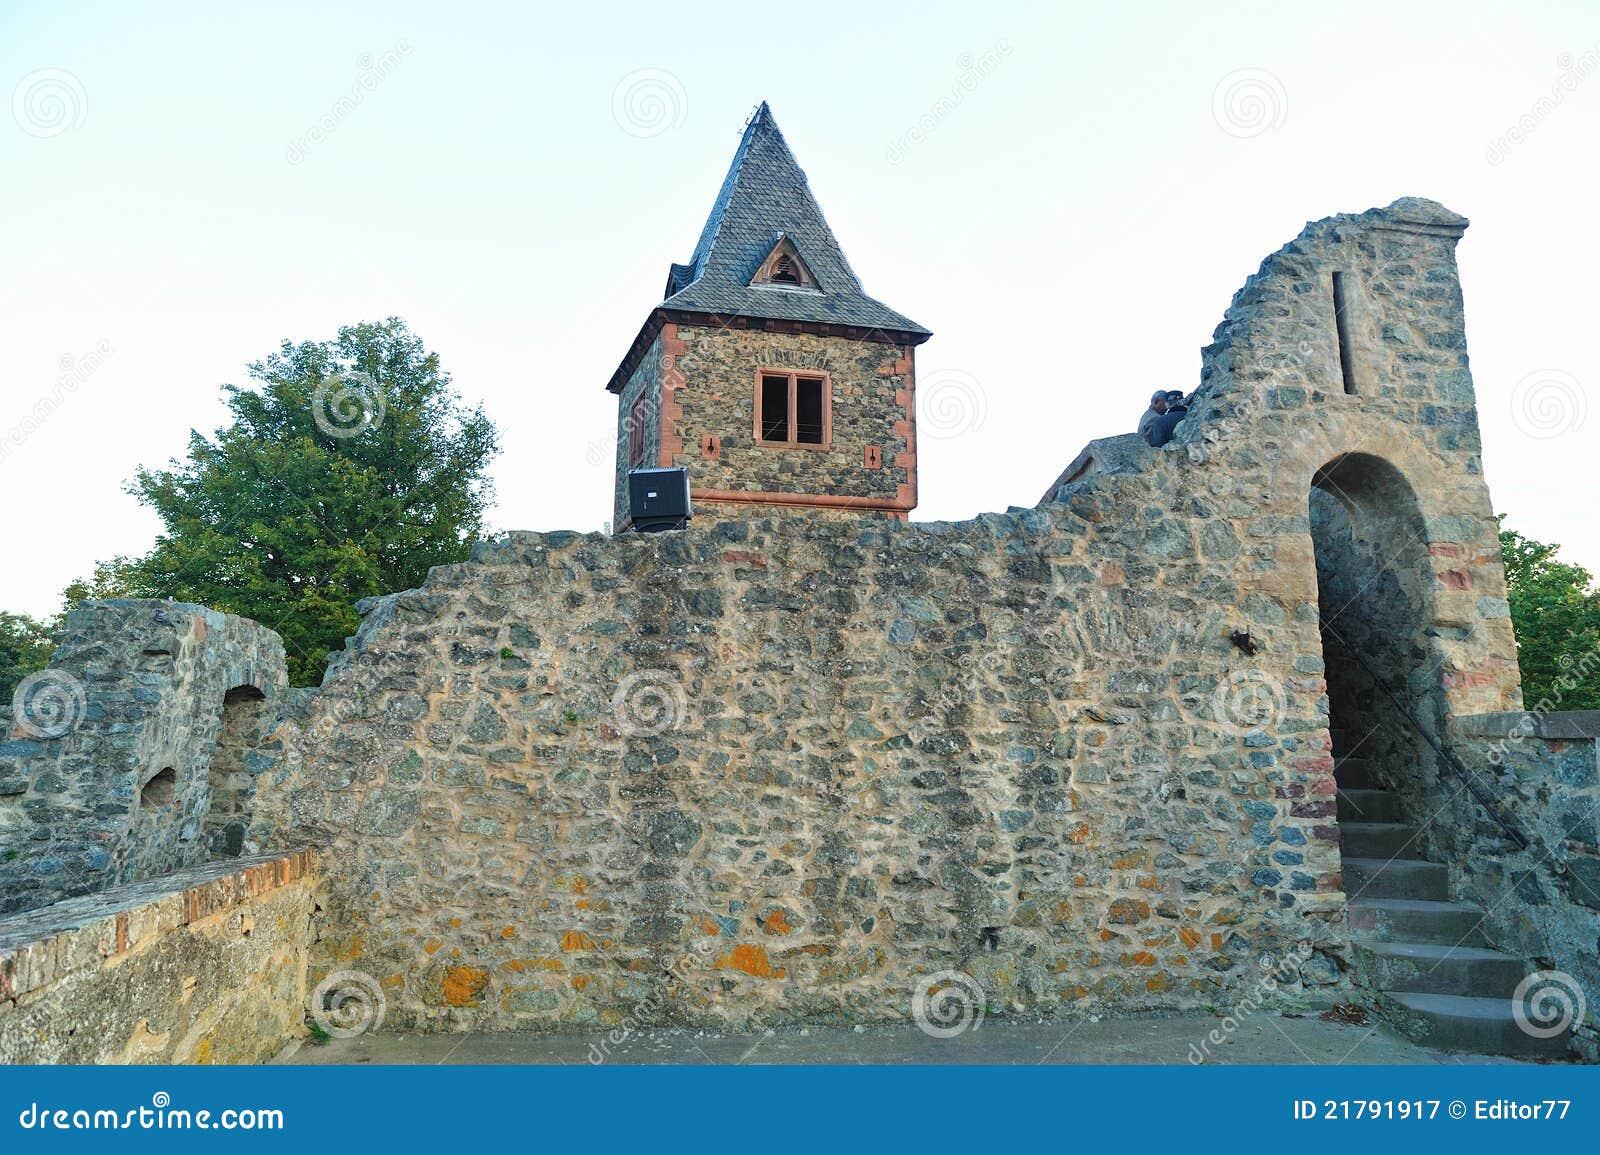 Frankenstein S Castle Stock Image Image Of Horror